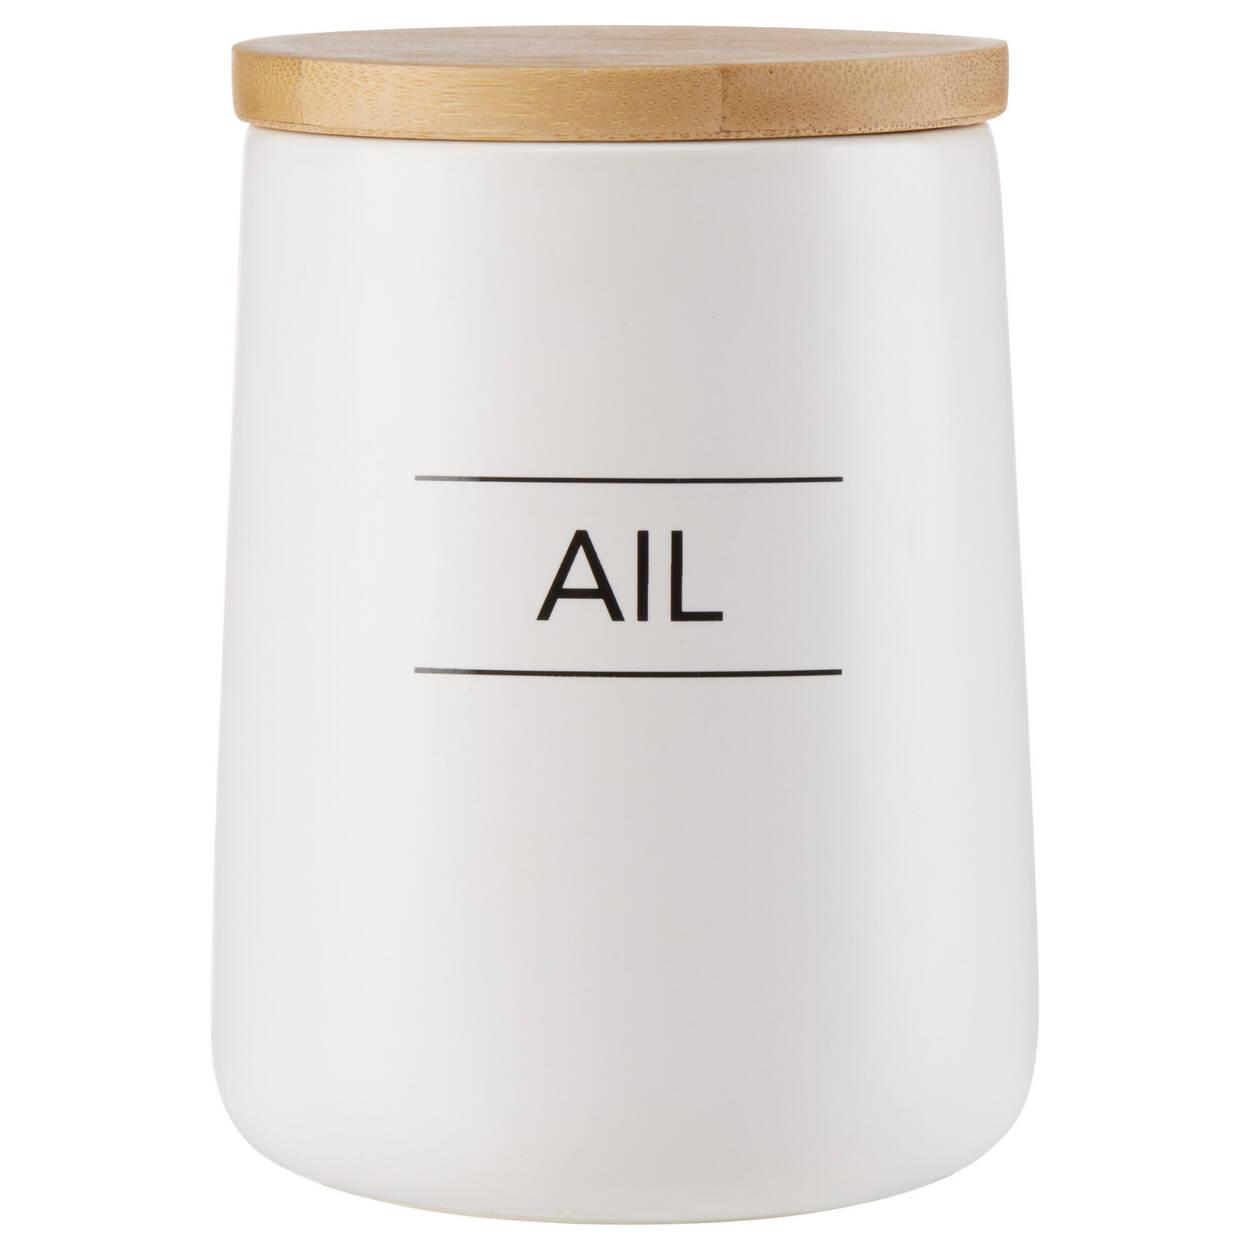 Ceramic Garlic Container